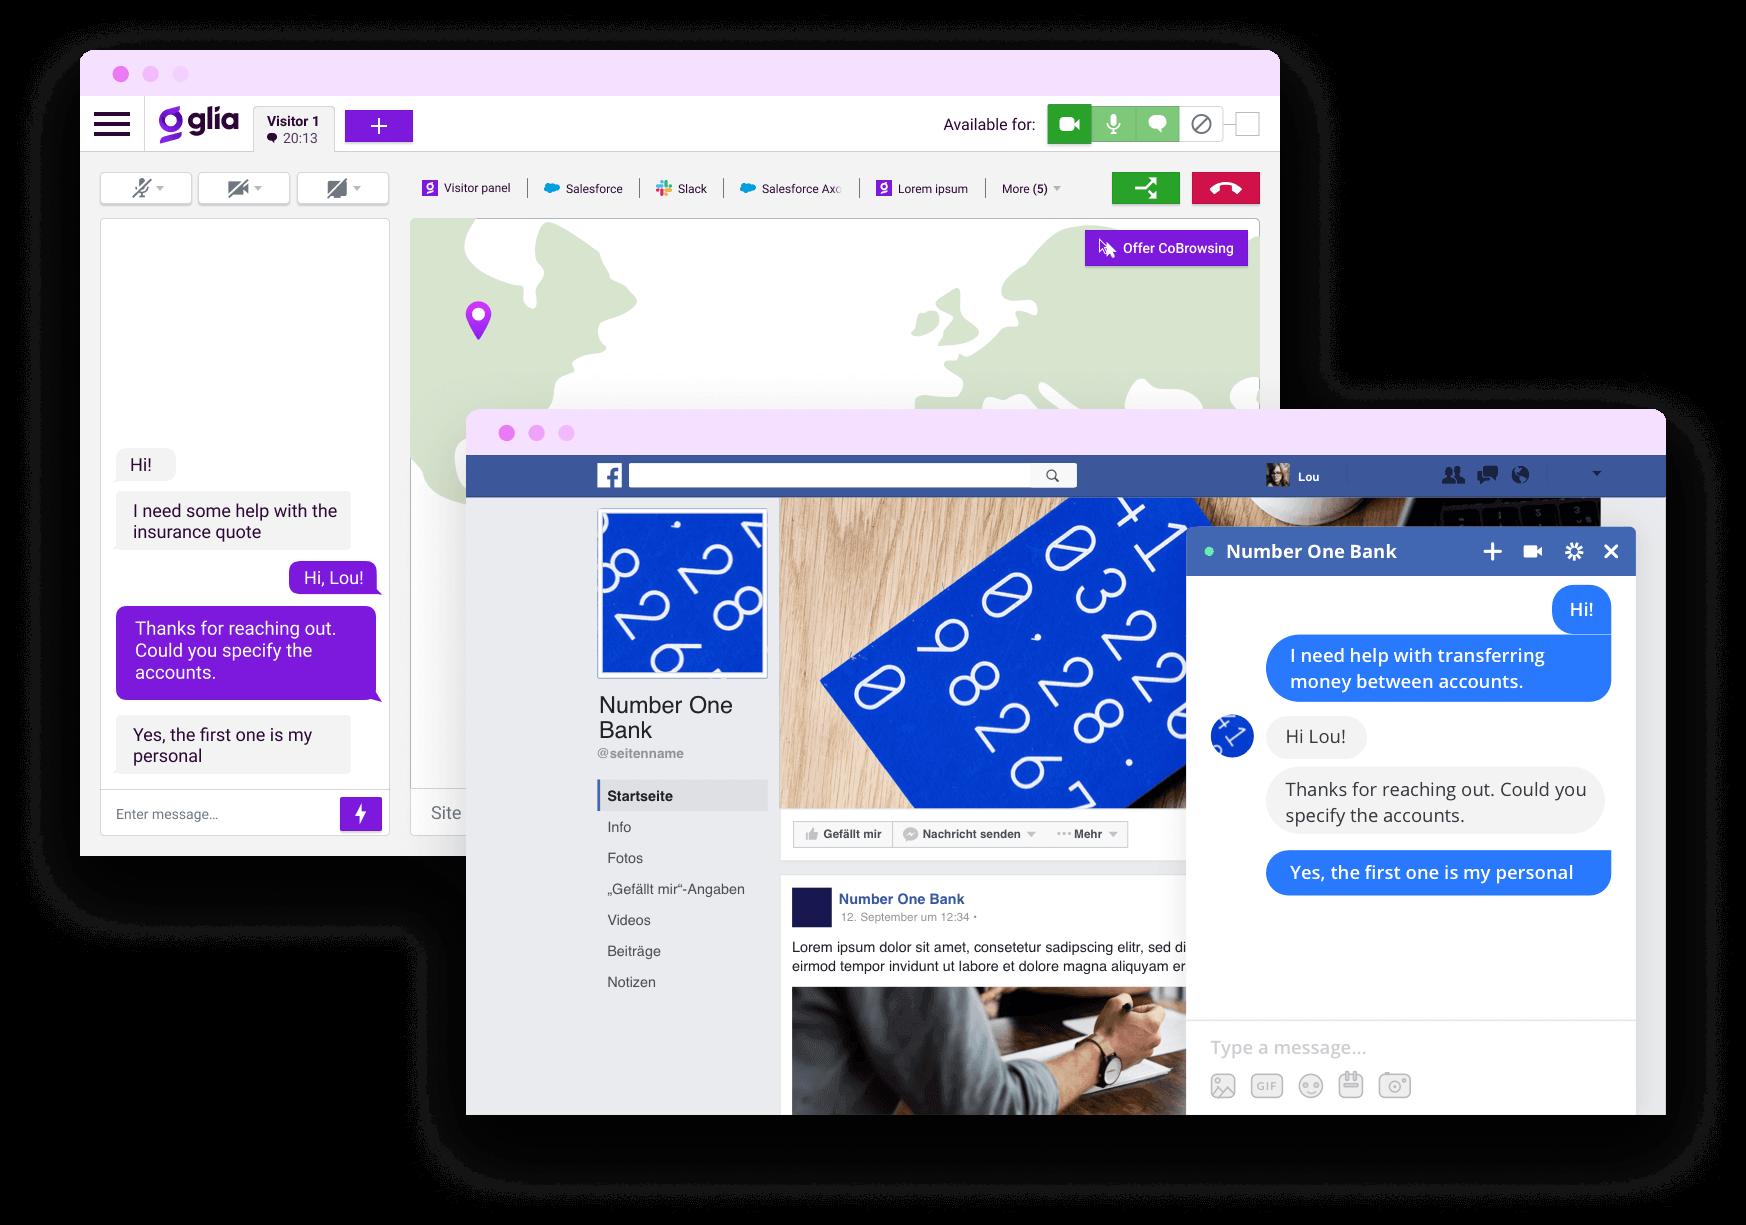 Digital Customer Service Social Messaging